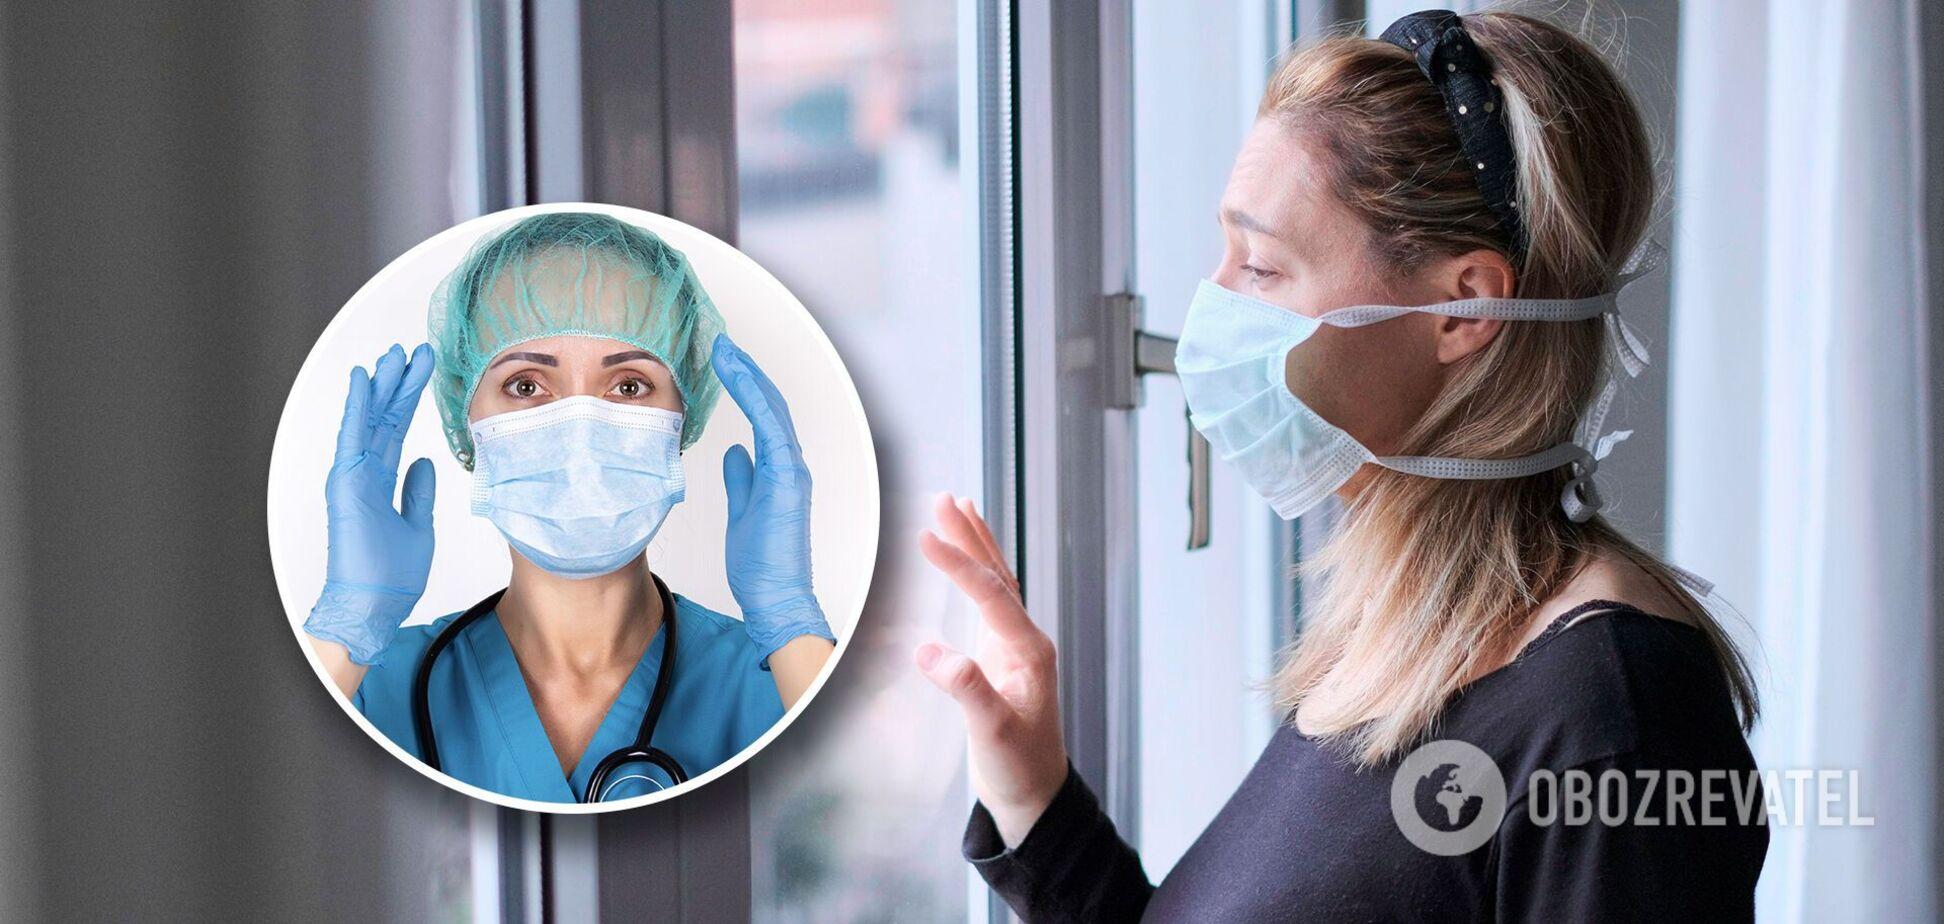 Карантин у вихідні не вихід: медики вимагають локдауну, а план влади лякає бізнес більше за COVID-19